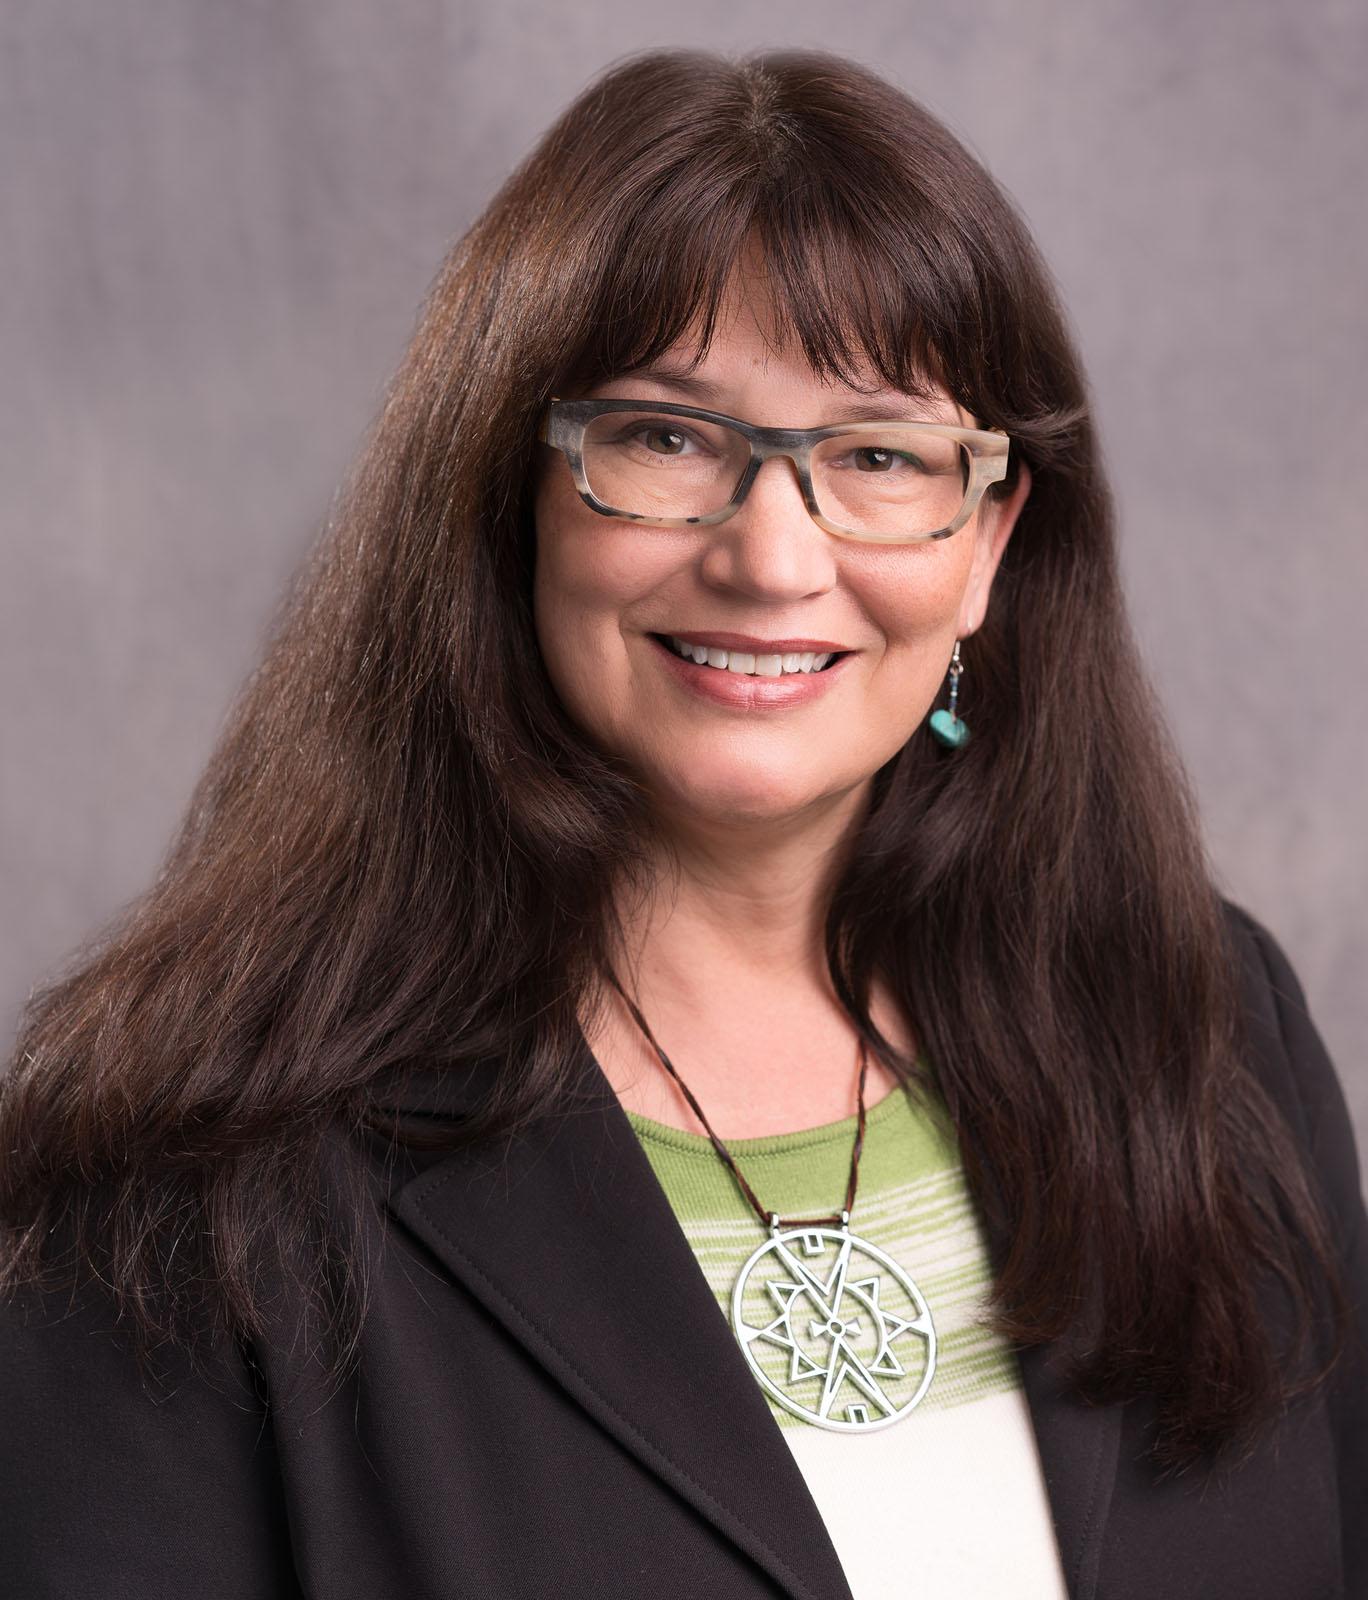 Denver Art Museum Announces Dakota Hoska as Assistant Curator of Native Arts